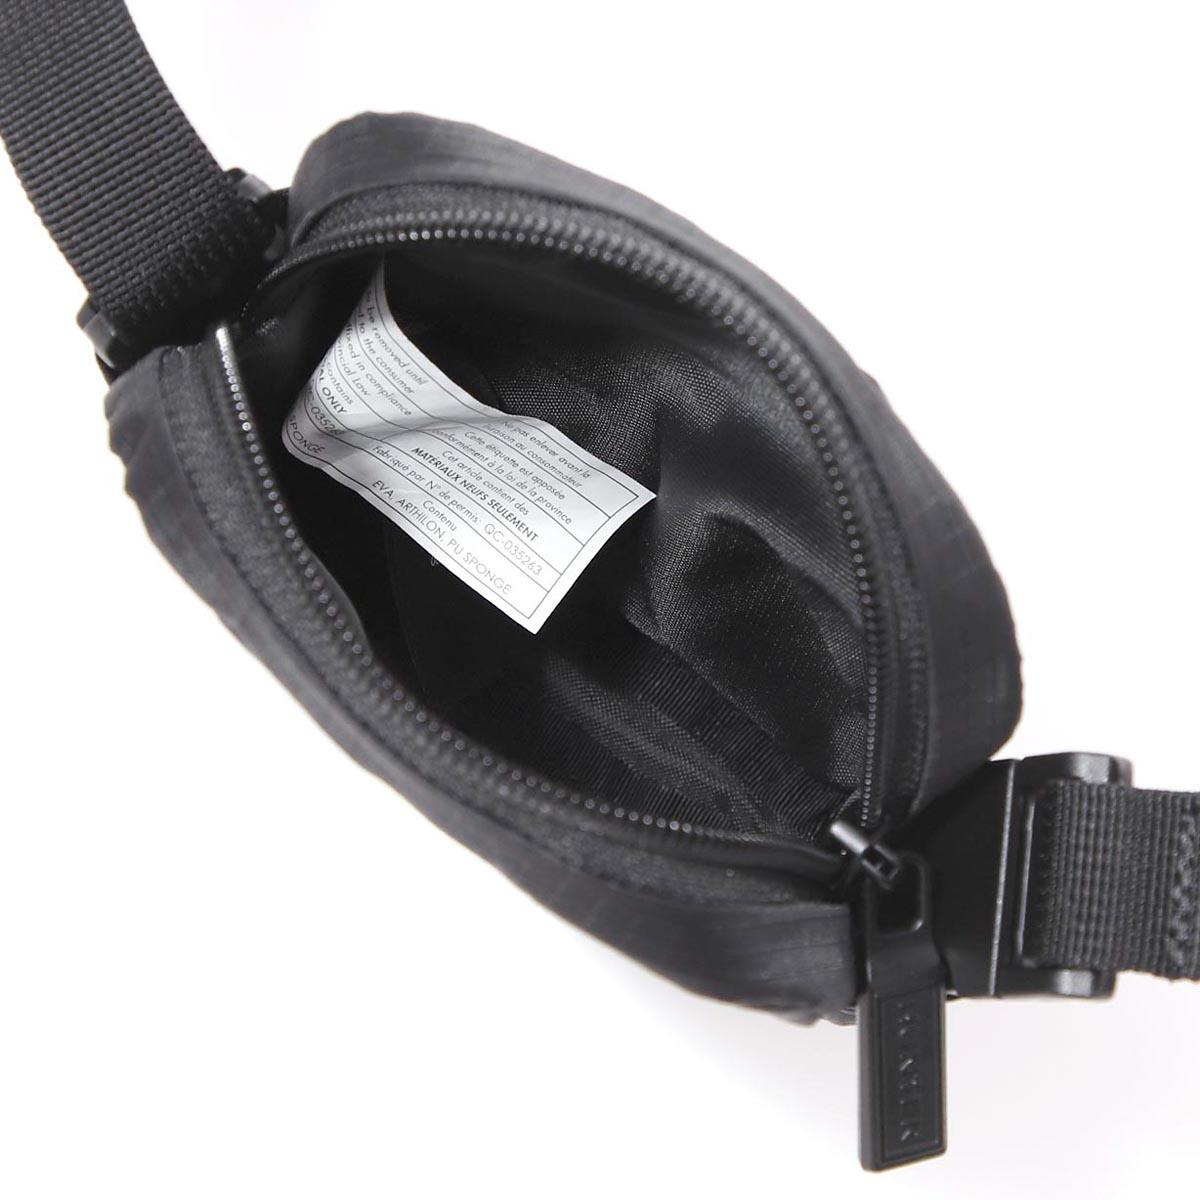 【タイムセール】HUNTER ハンター ベルトバッグ/クロスボディバッグ/ORIGINAL RIPSTOP BELT BAG